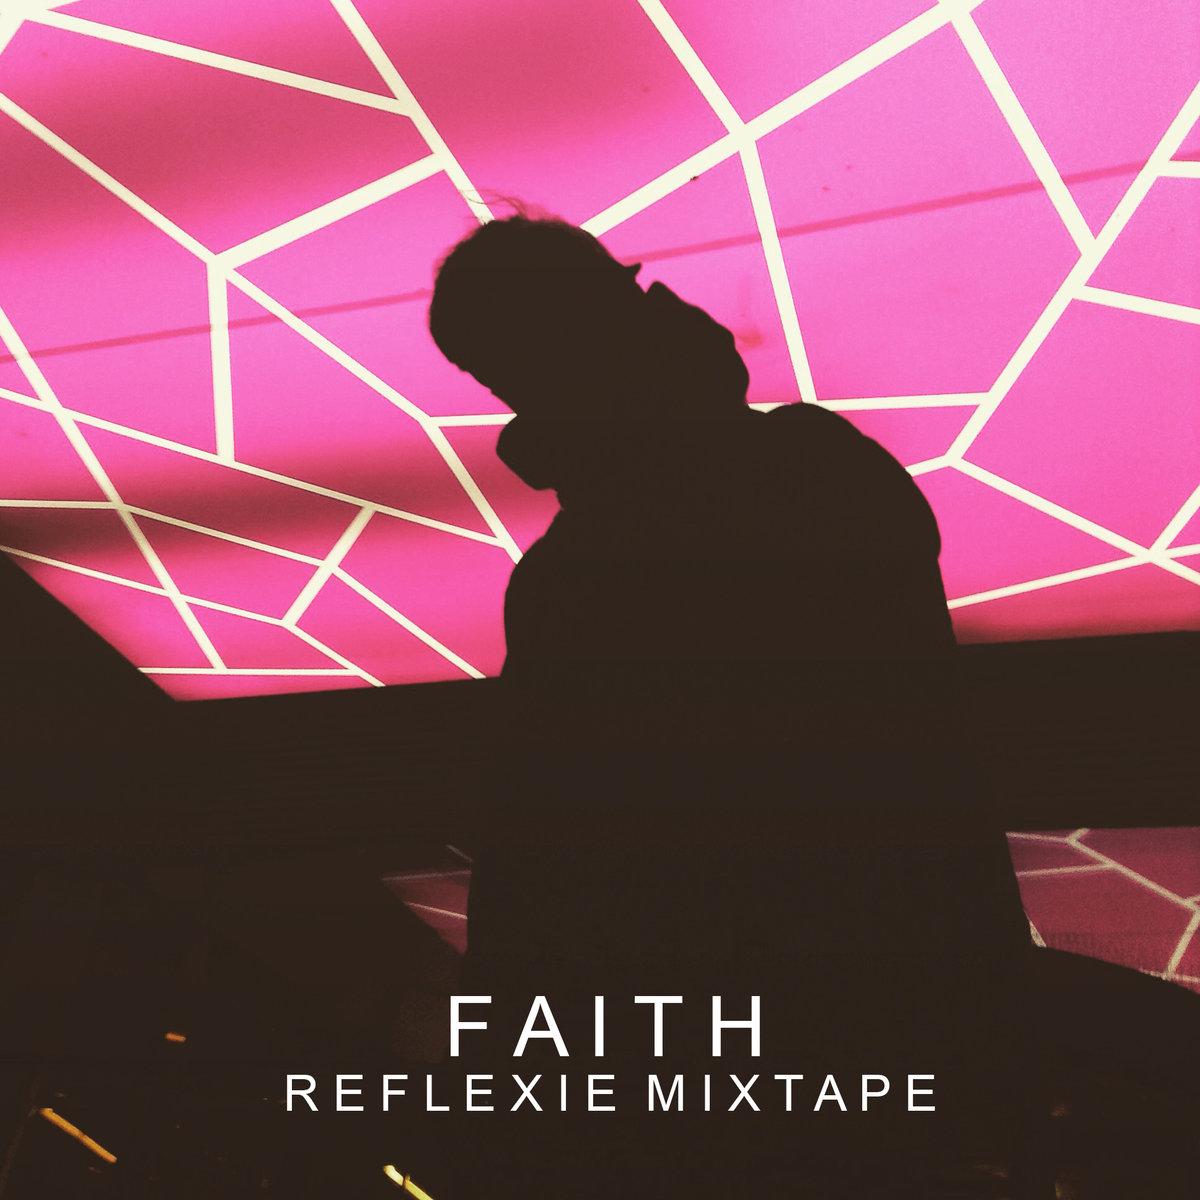 Faith - Reflexie